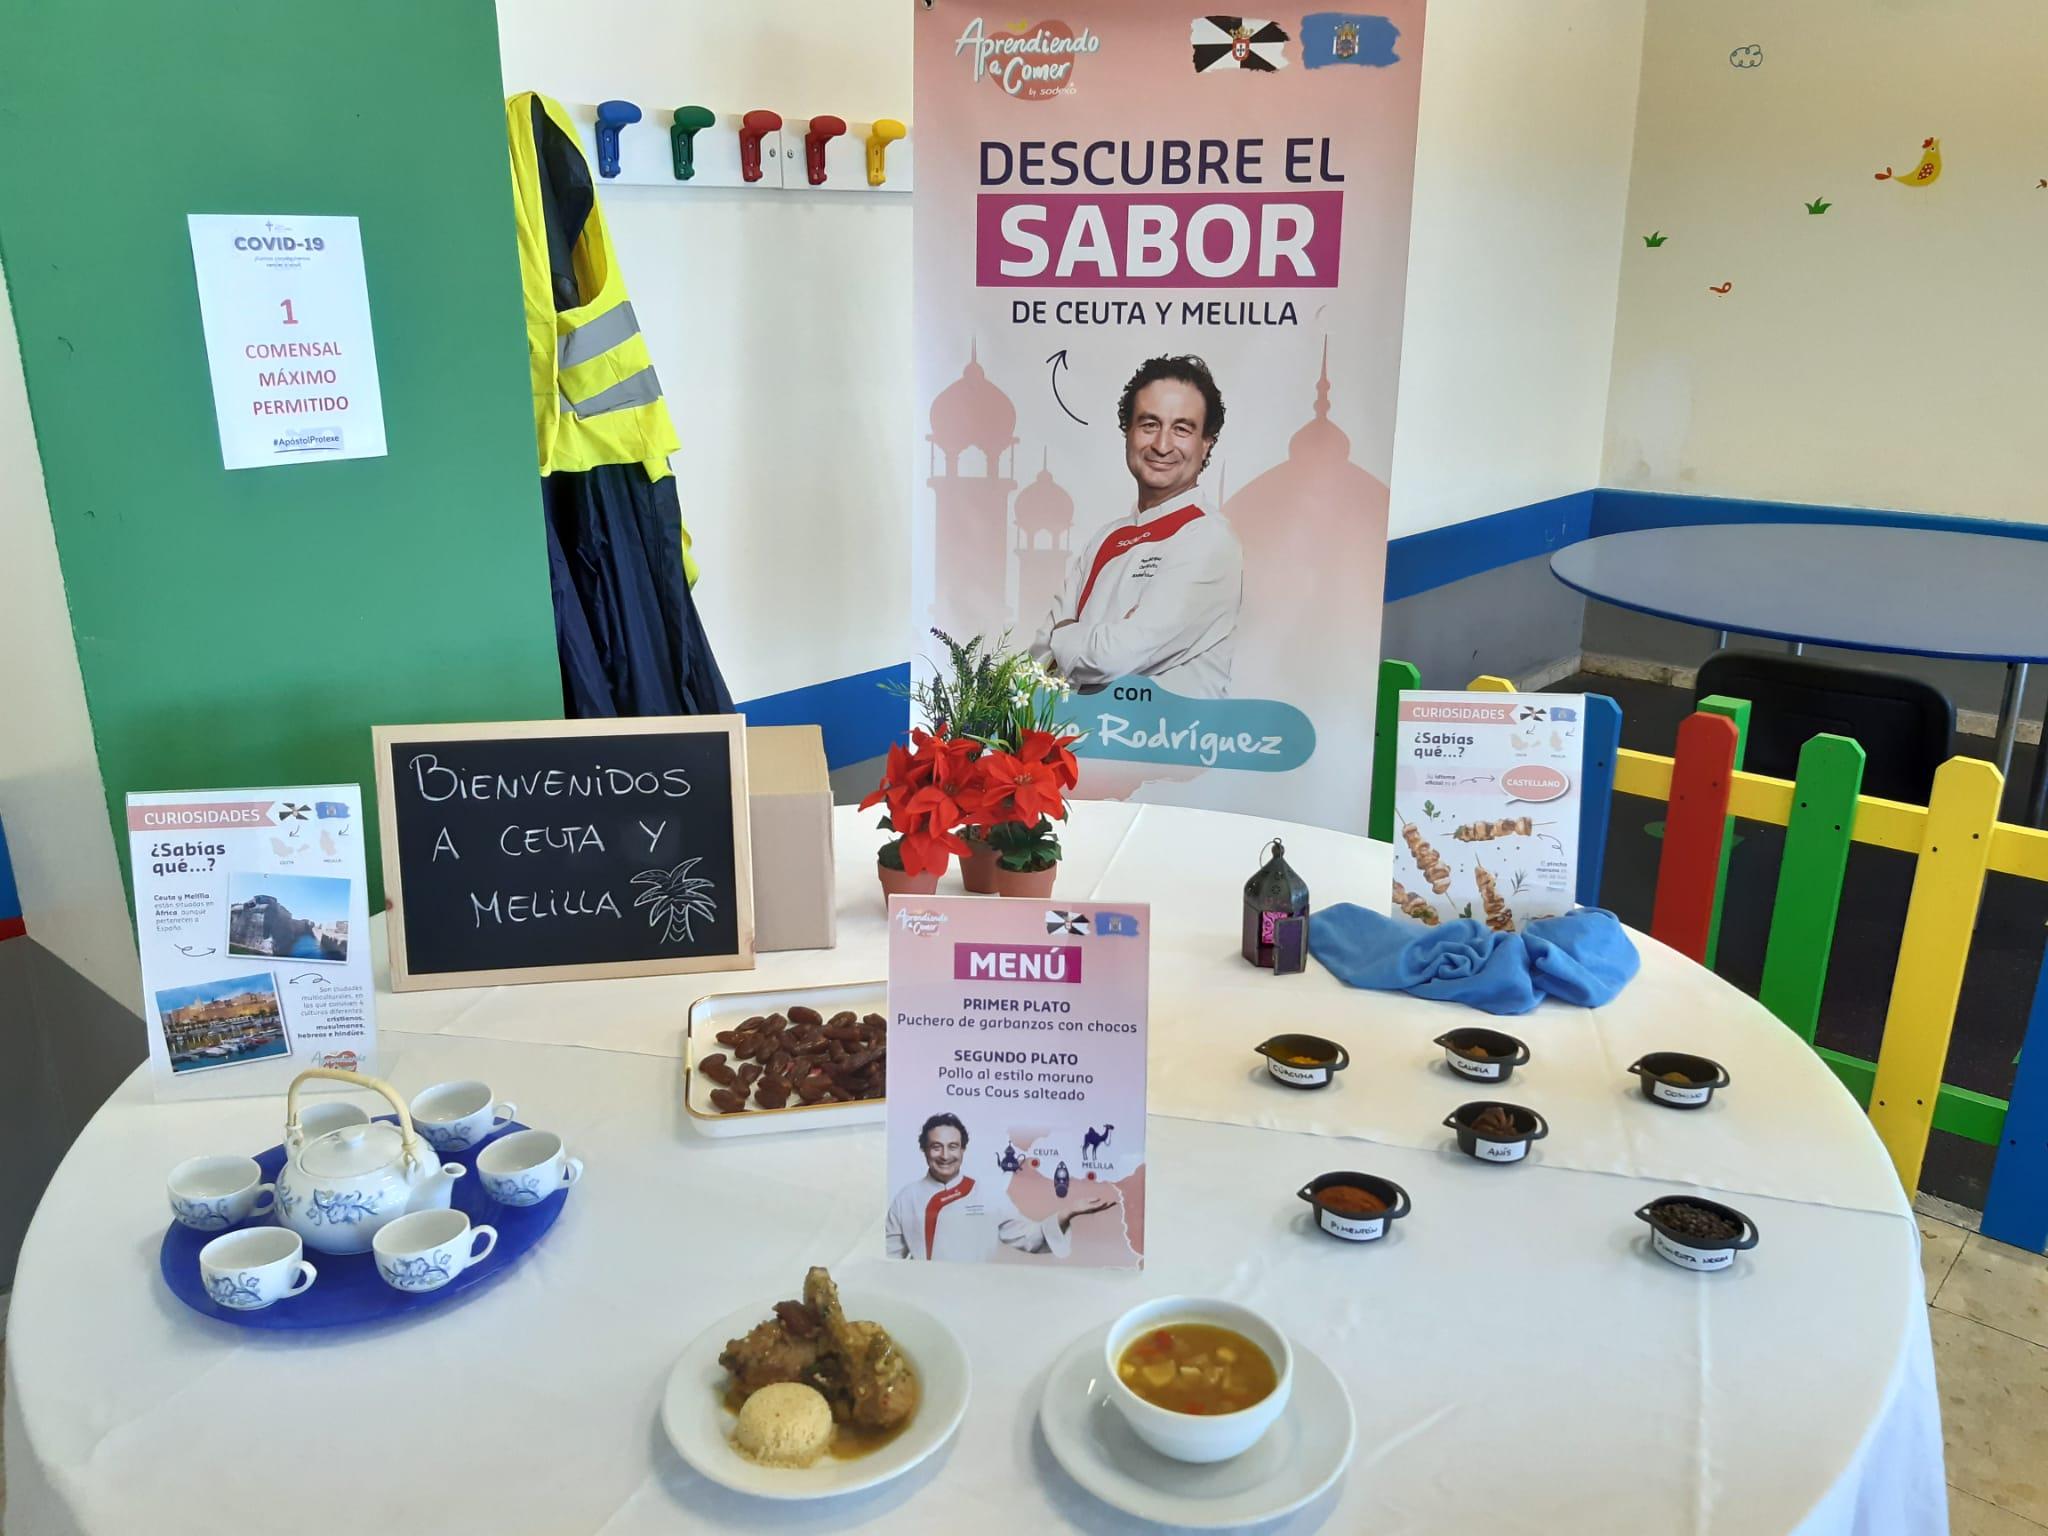 Jornada gastronómica de Ceuta y Melilla